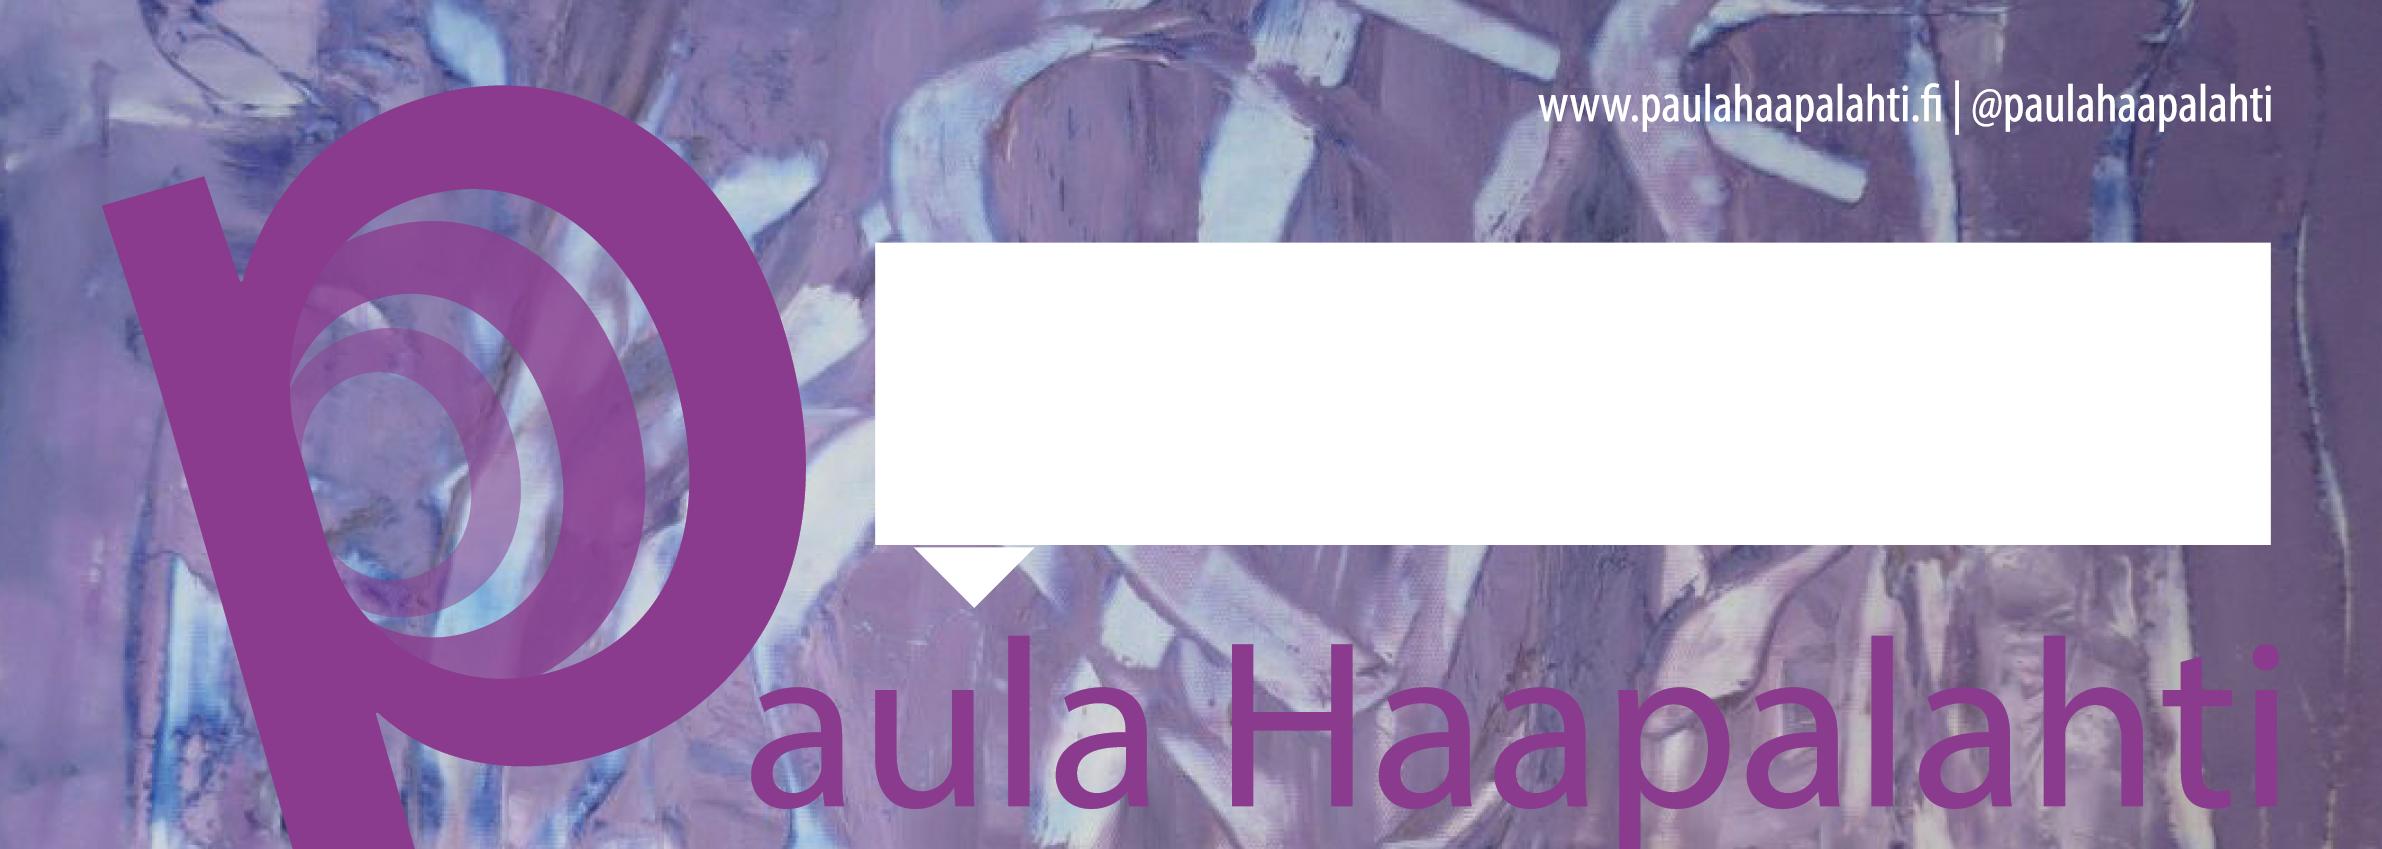 Paula Haapalahti -taiteilijakortti 280 x 100 mm, 1-puoli, 2015. Visuaalinen toteutus vapaaehtoisena koulutusprojektina ammattitaidon ylläpitämiseksi, Natasha Varis. – http://www.paulahaapalahti.fi/